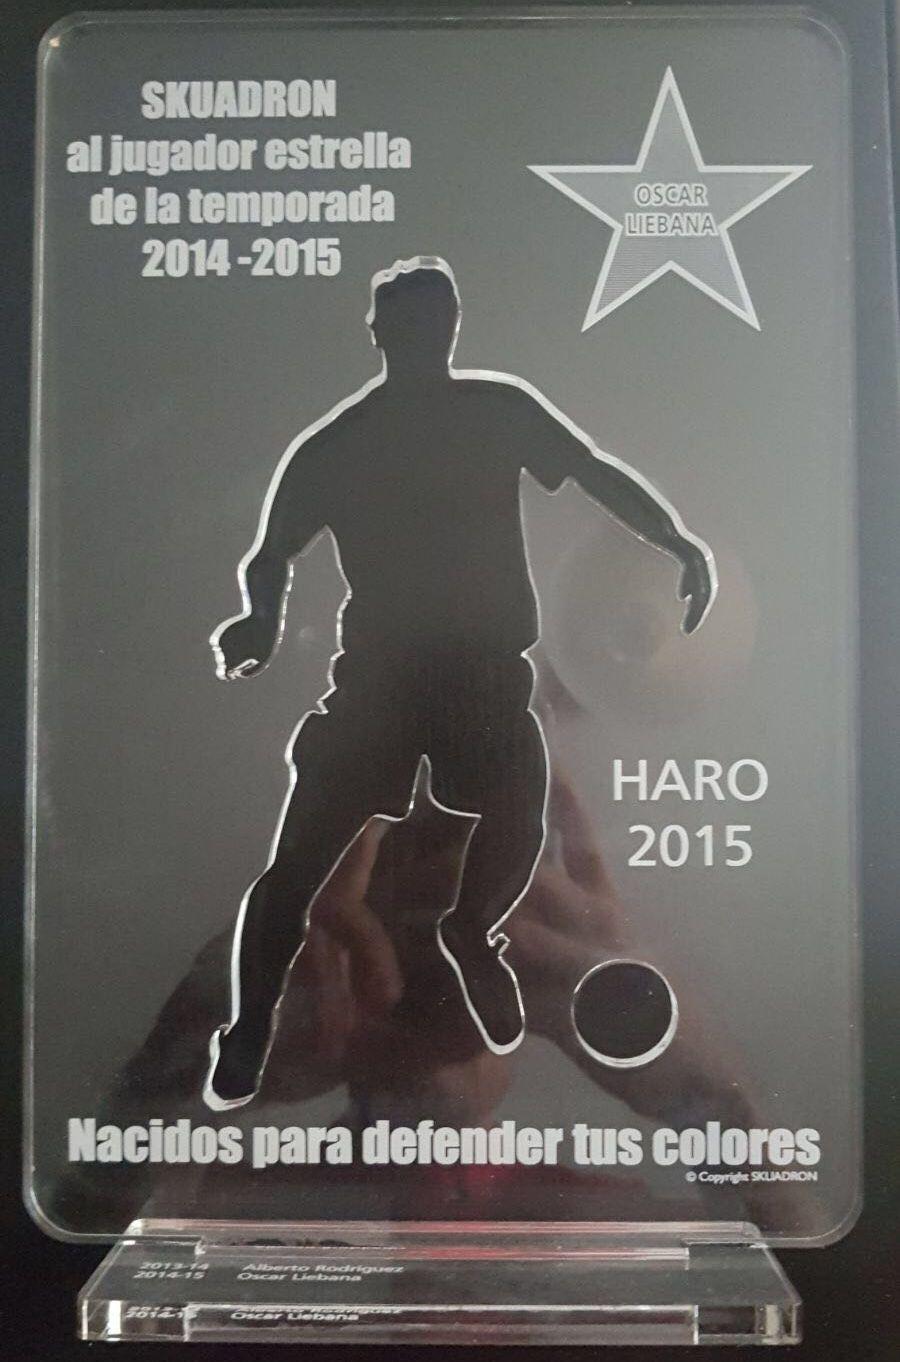 En marcha la cuarta edición del Premio al Jugador Estrella del Haro Deportivo 1